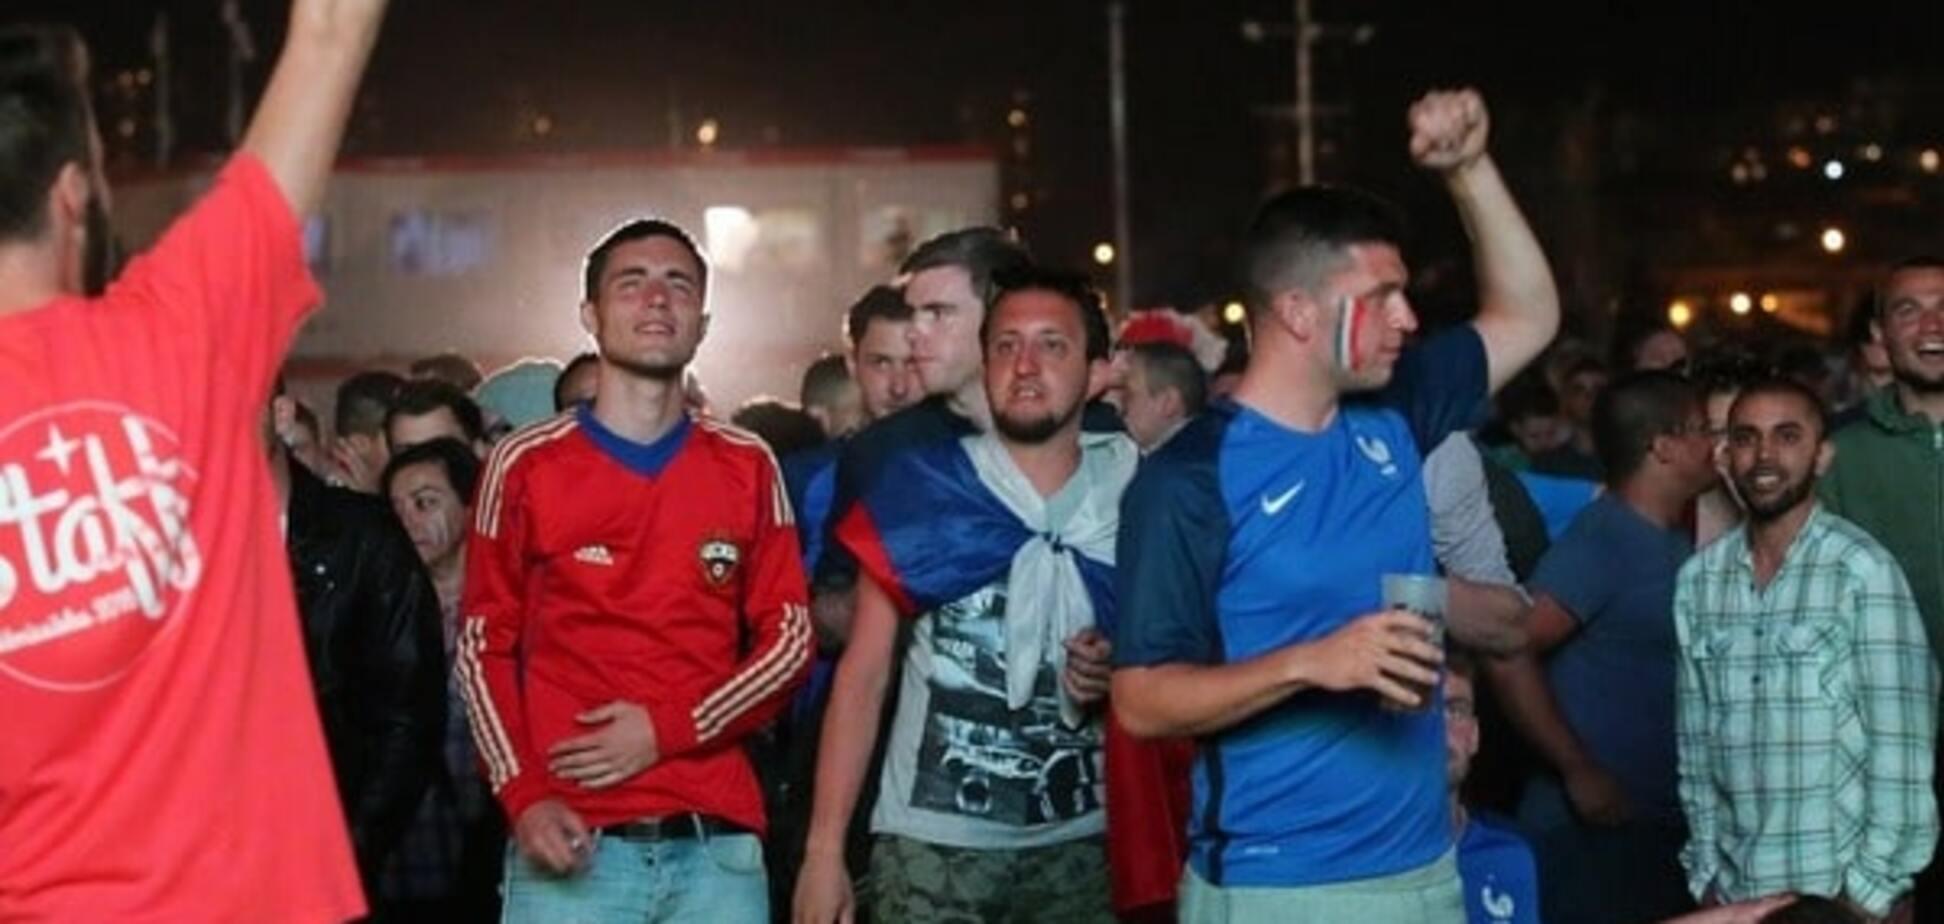 П'яний дебош двох англійців на ЧС-2018 викликав міжнародний скандал